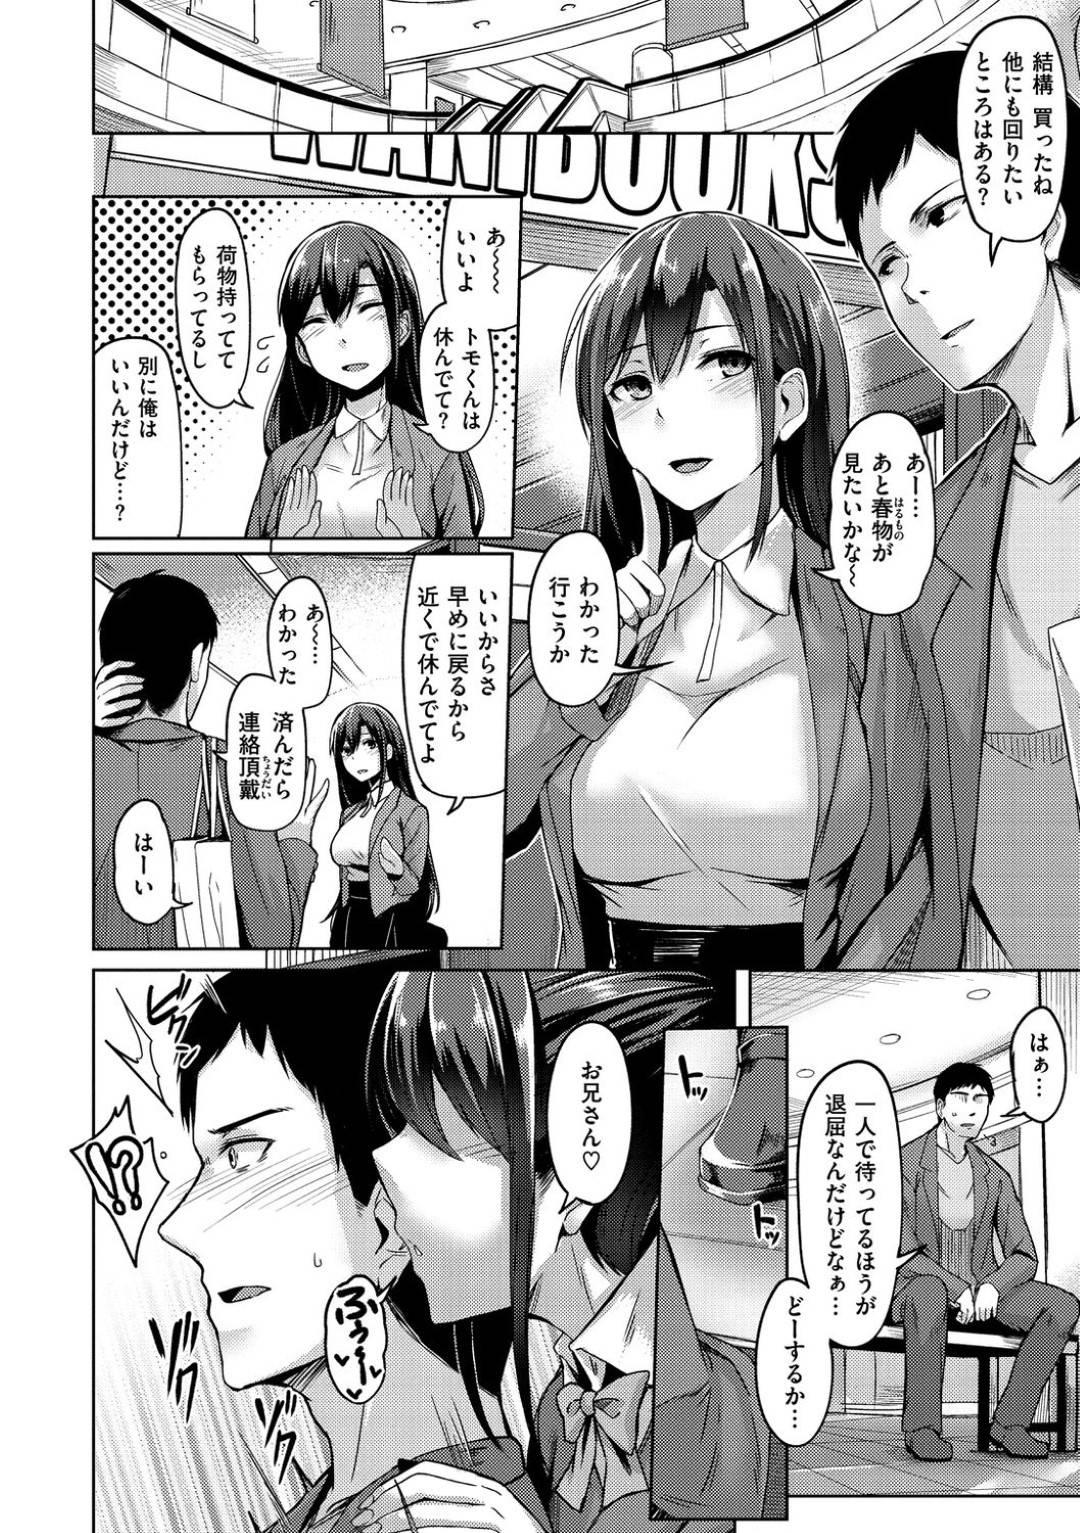 【エロ漫画】姉の彼氏を誘惑するビッチなJK妹は、ラブホでイチャラブ生ハメセックスしてイキまくる